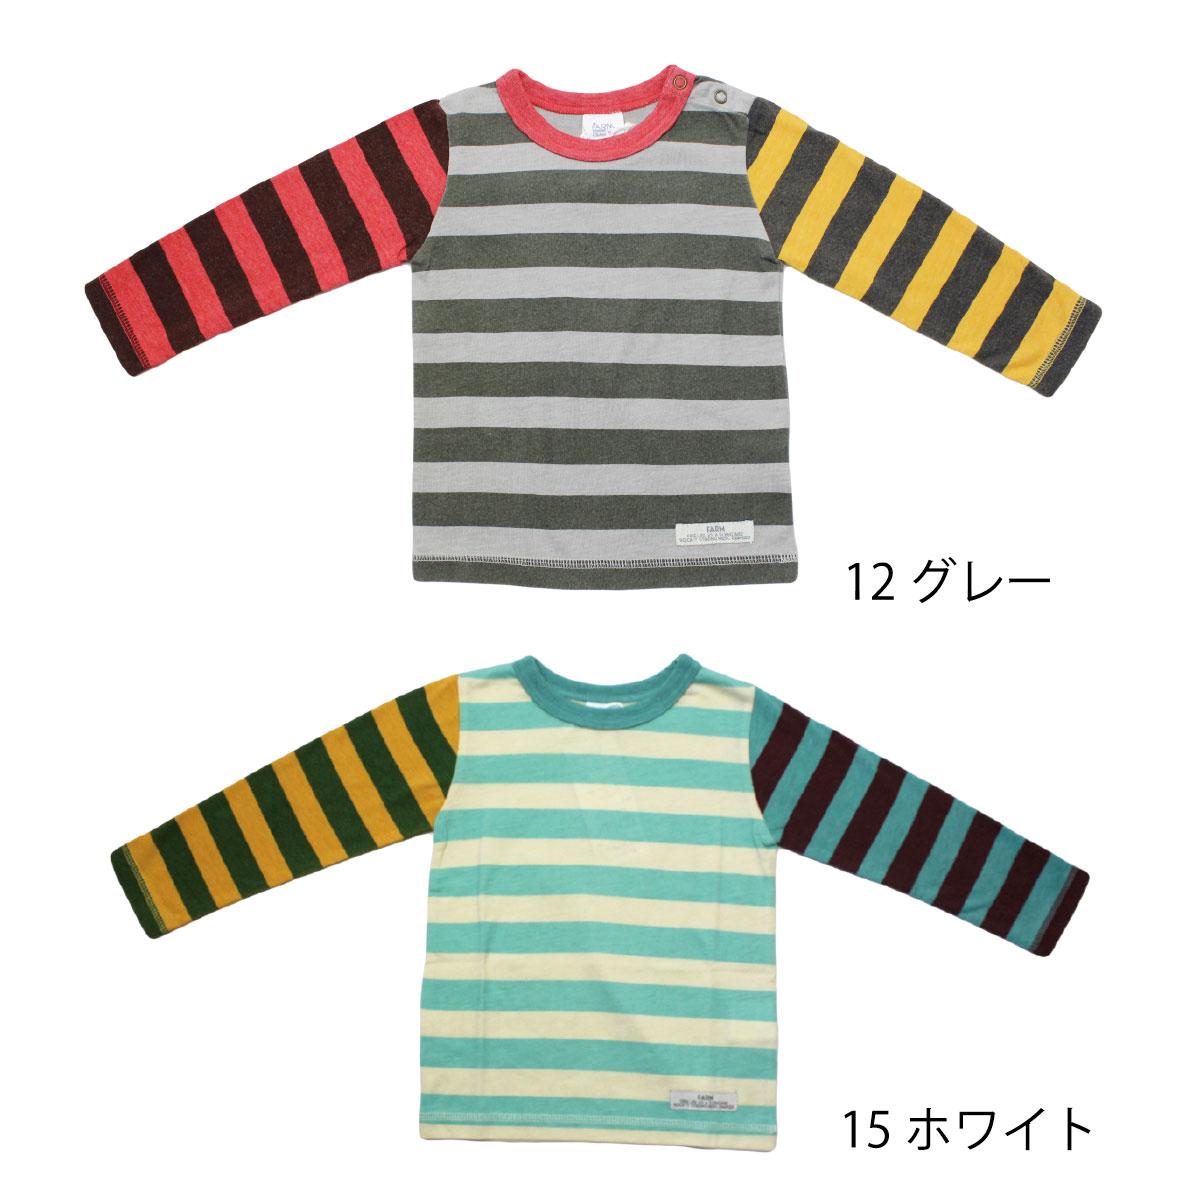 【セール】【ネコポス対応】【SiShuNon/FARM】カラフルボーダーTシャツ 男の子 キッズ 長袖 Tシャツ ボーダー